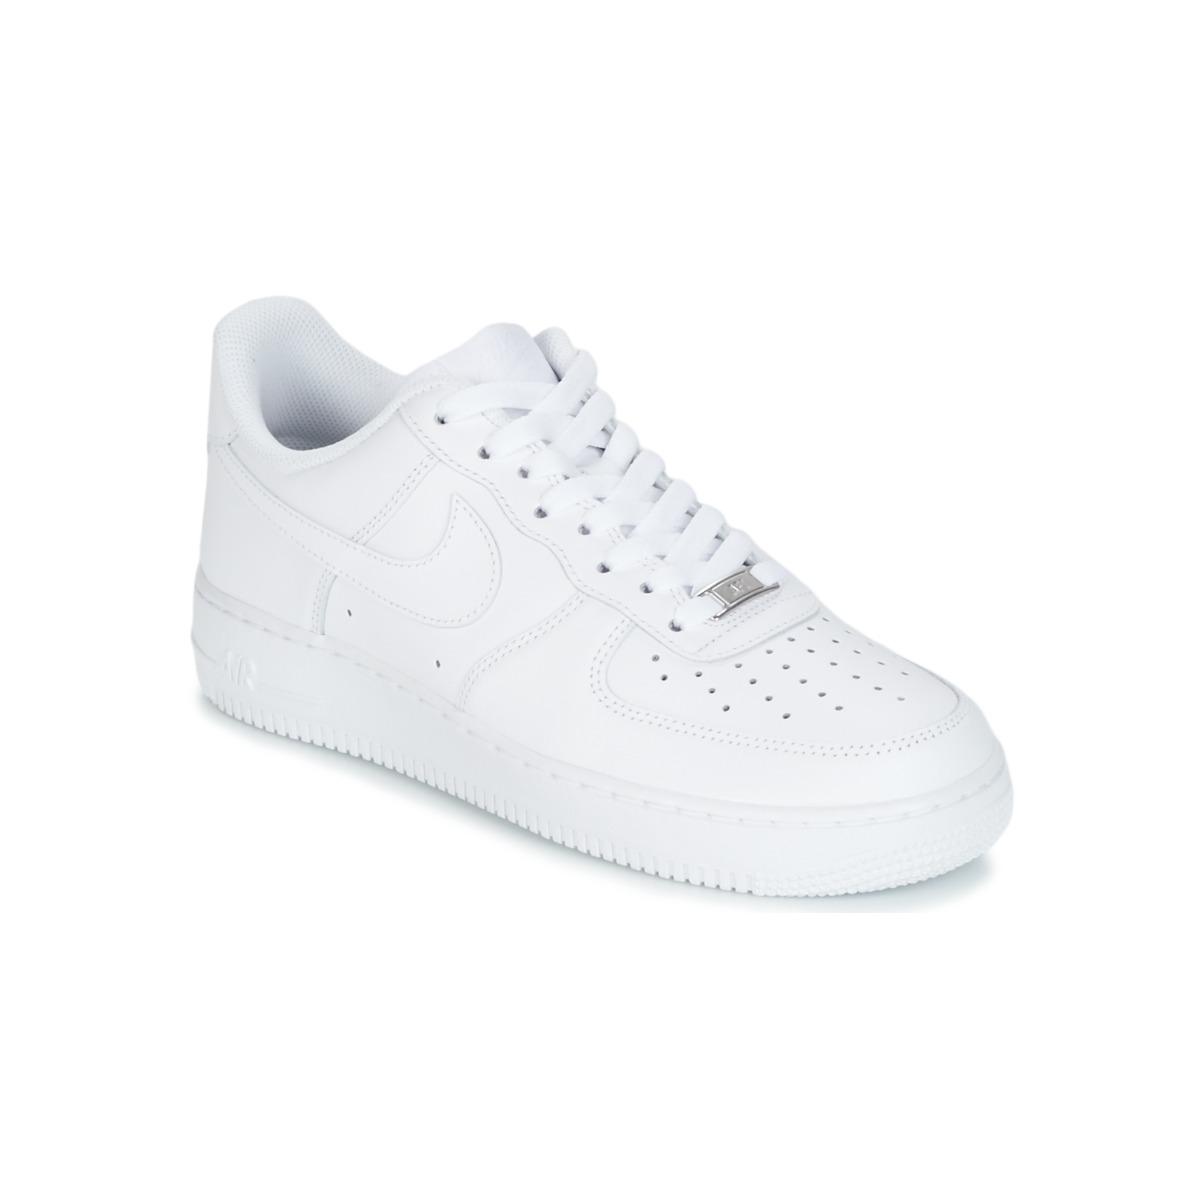 Cipok Rövid szárú edzőcipők Nike air force - Ingyenes Kiszállítás a ... 66927a11cc